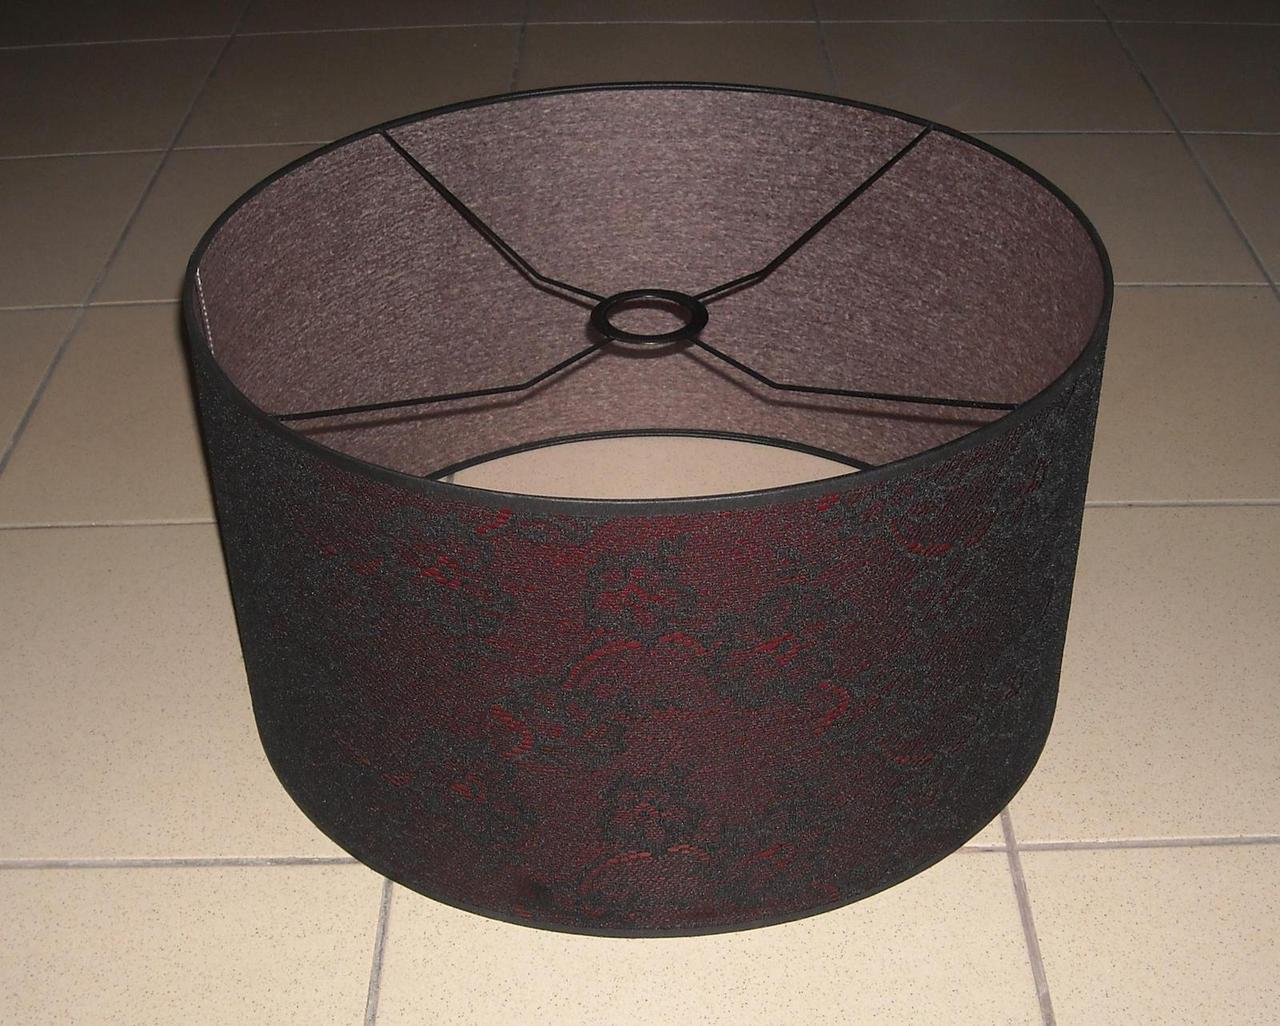 lampenschirm stoff textil ersatz stoffschirm zylinder. Black Bedroom Furniture Sets. Home Design Ideas